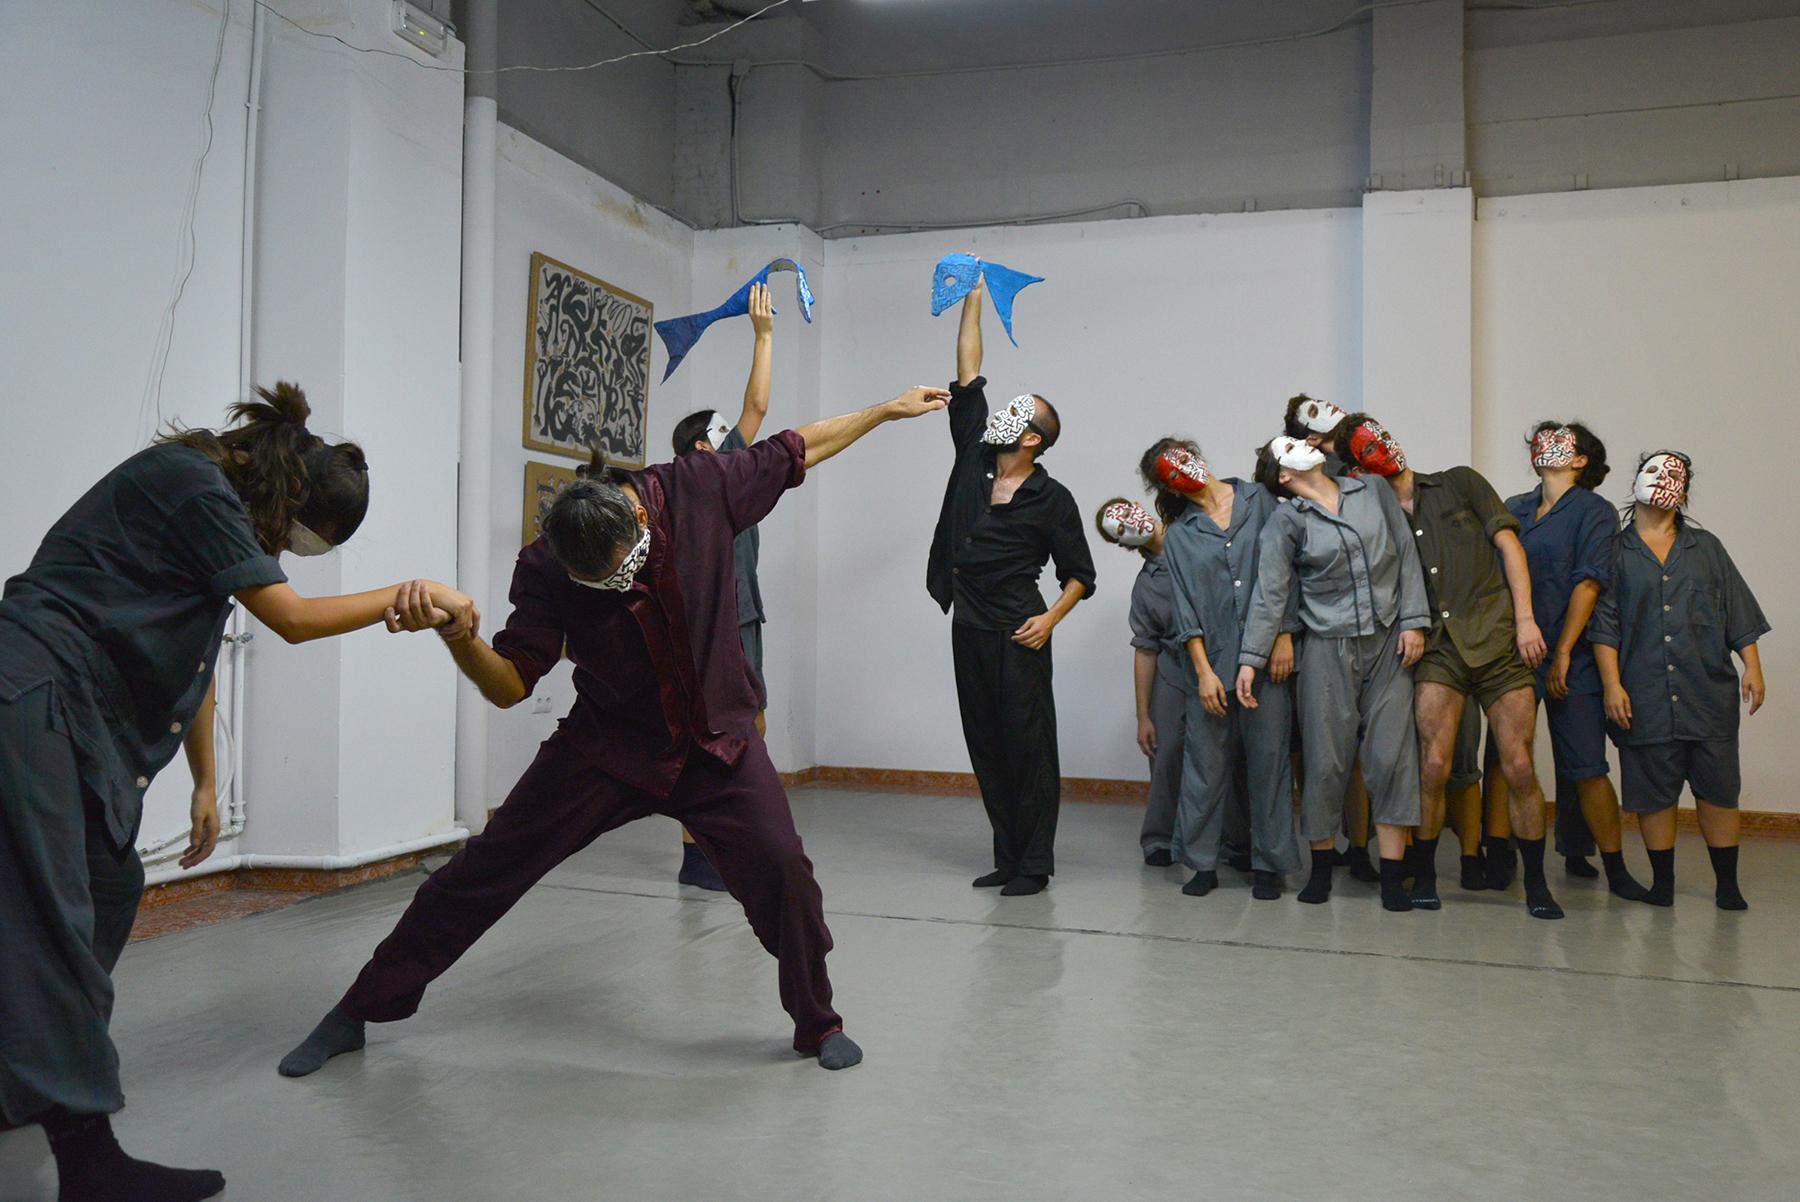 Pieza larga. Versión libre de El Carnaval de los animales creada por Toni Aparisi para 15 intérpretes y un músico que toca en directo.